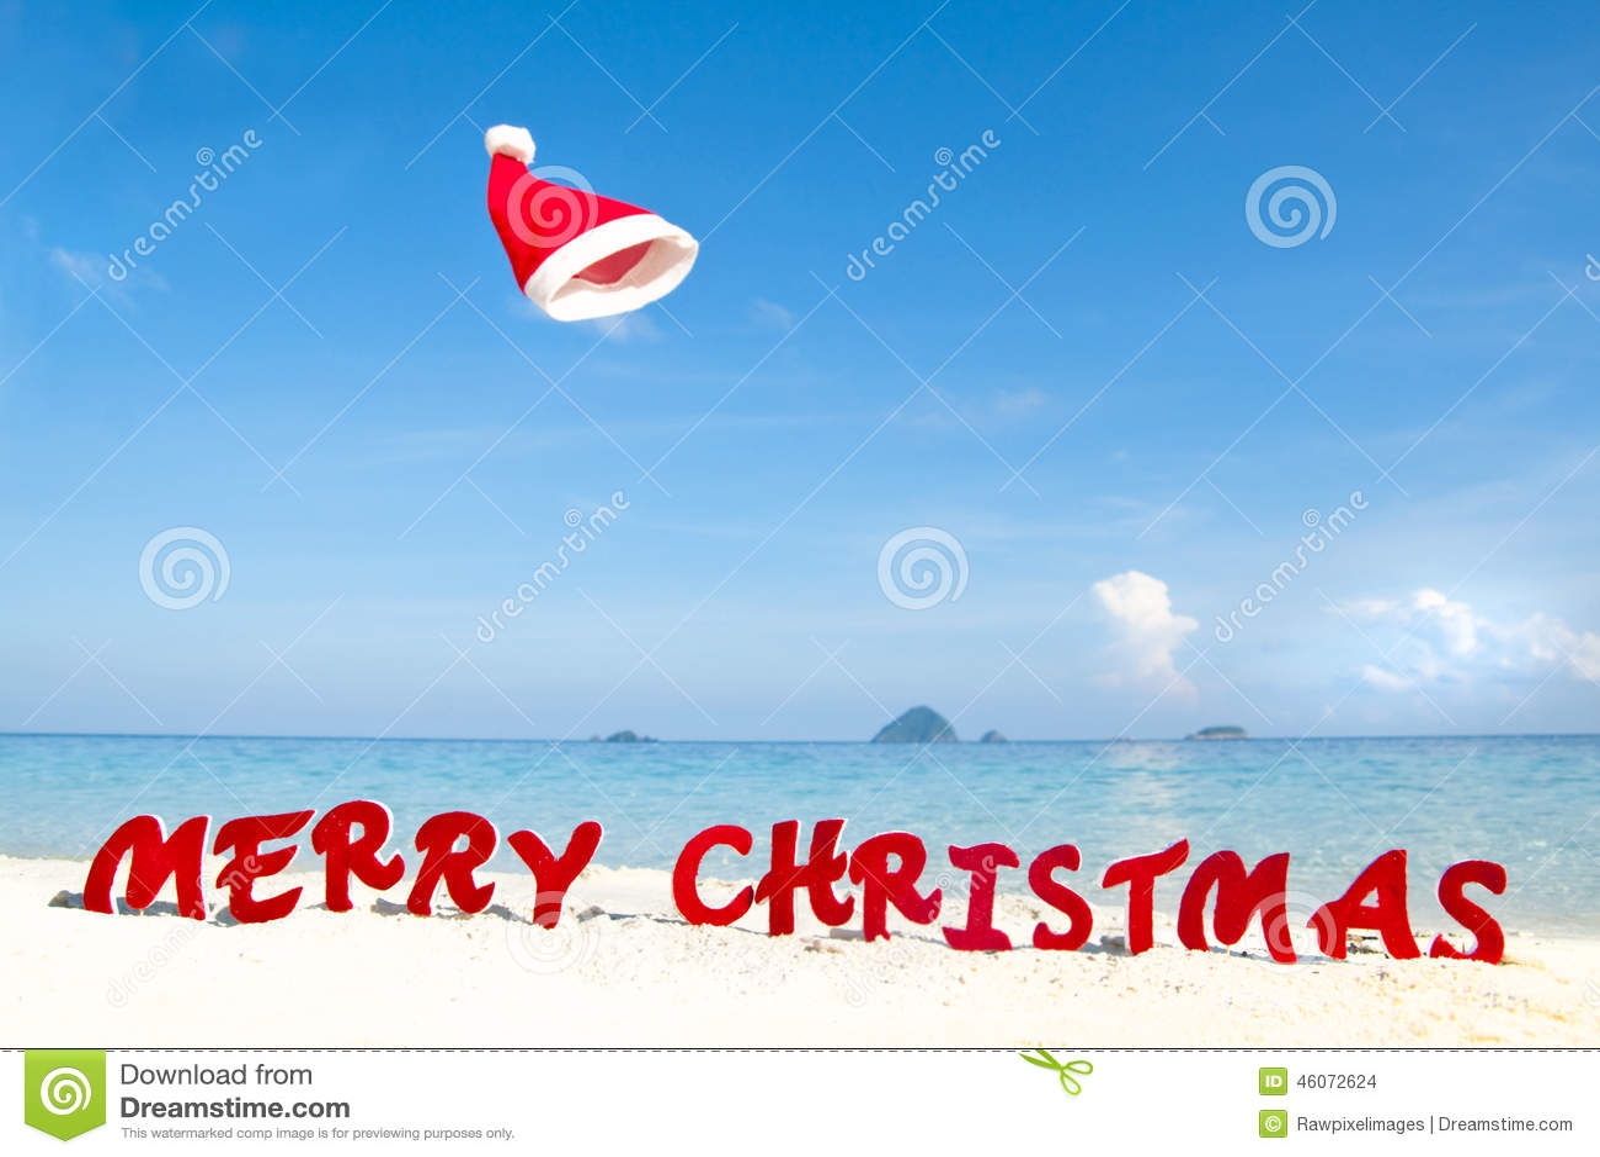 merry christmas on the beach theme